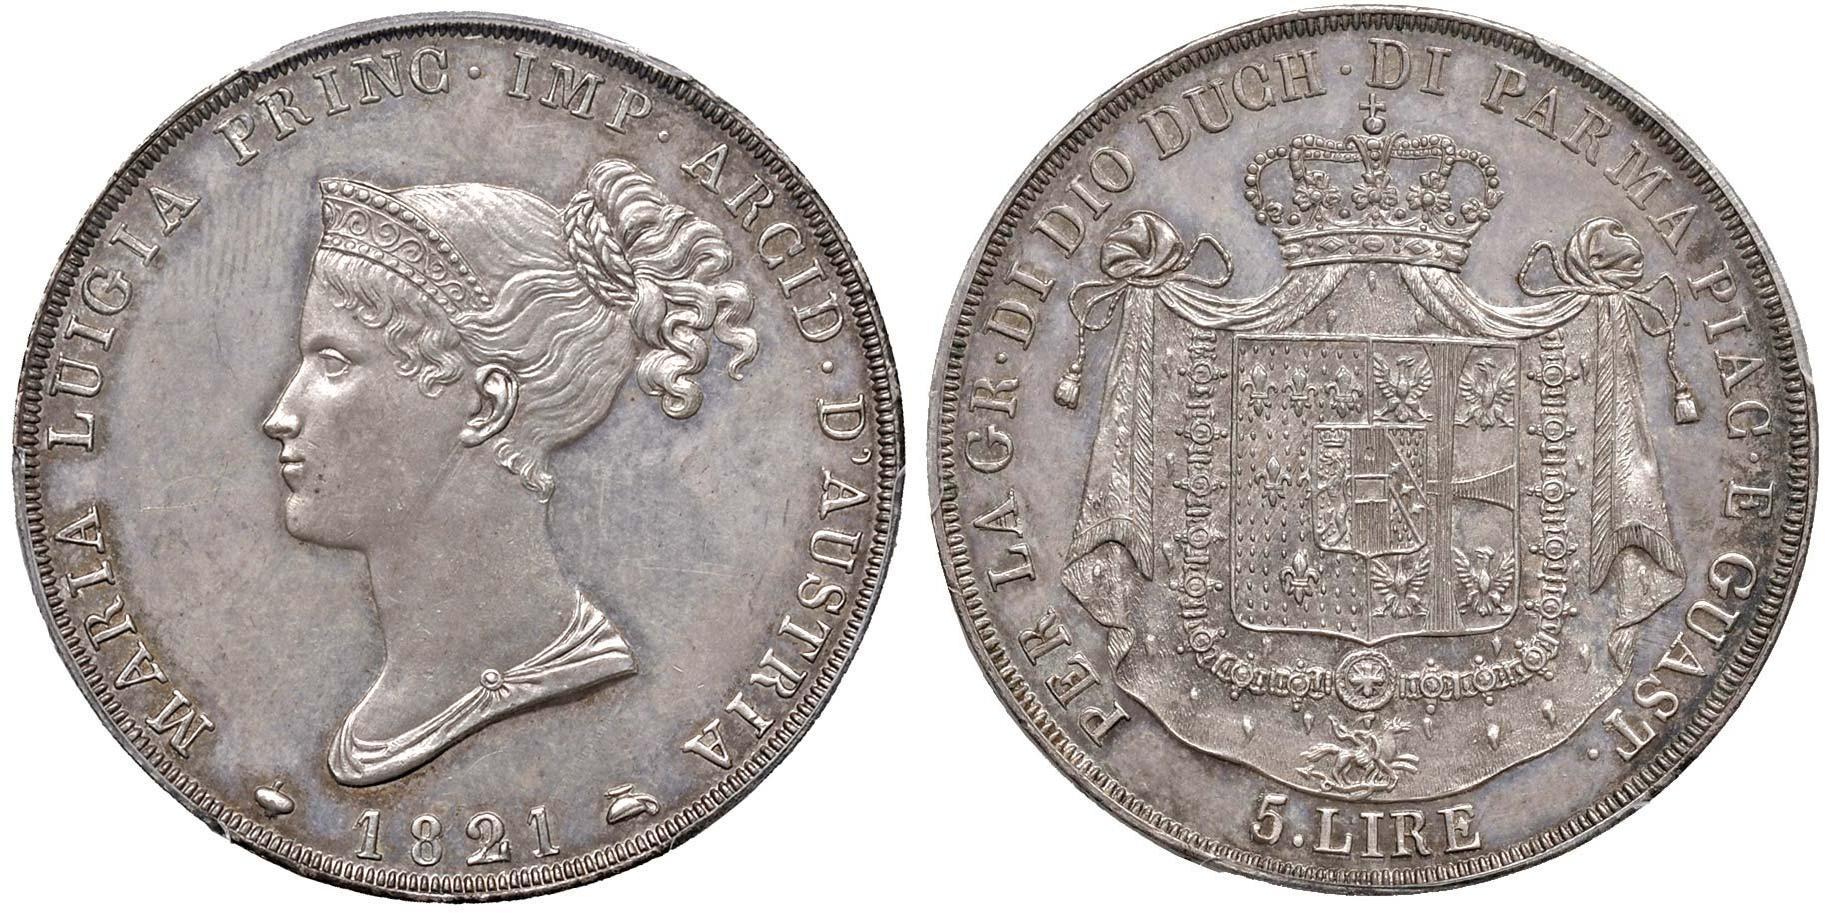 5-liras-de-maria-luisa-de-parma-de-1821.-salida-250.000-euro.-nomisma